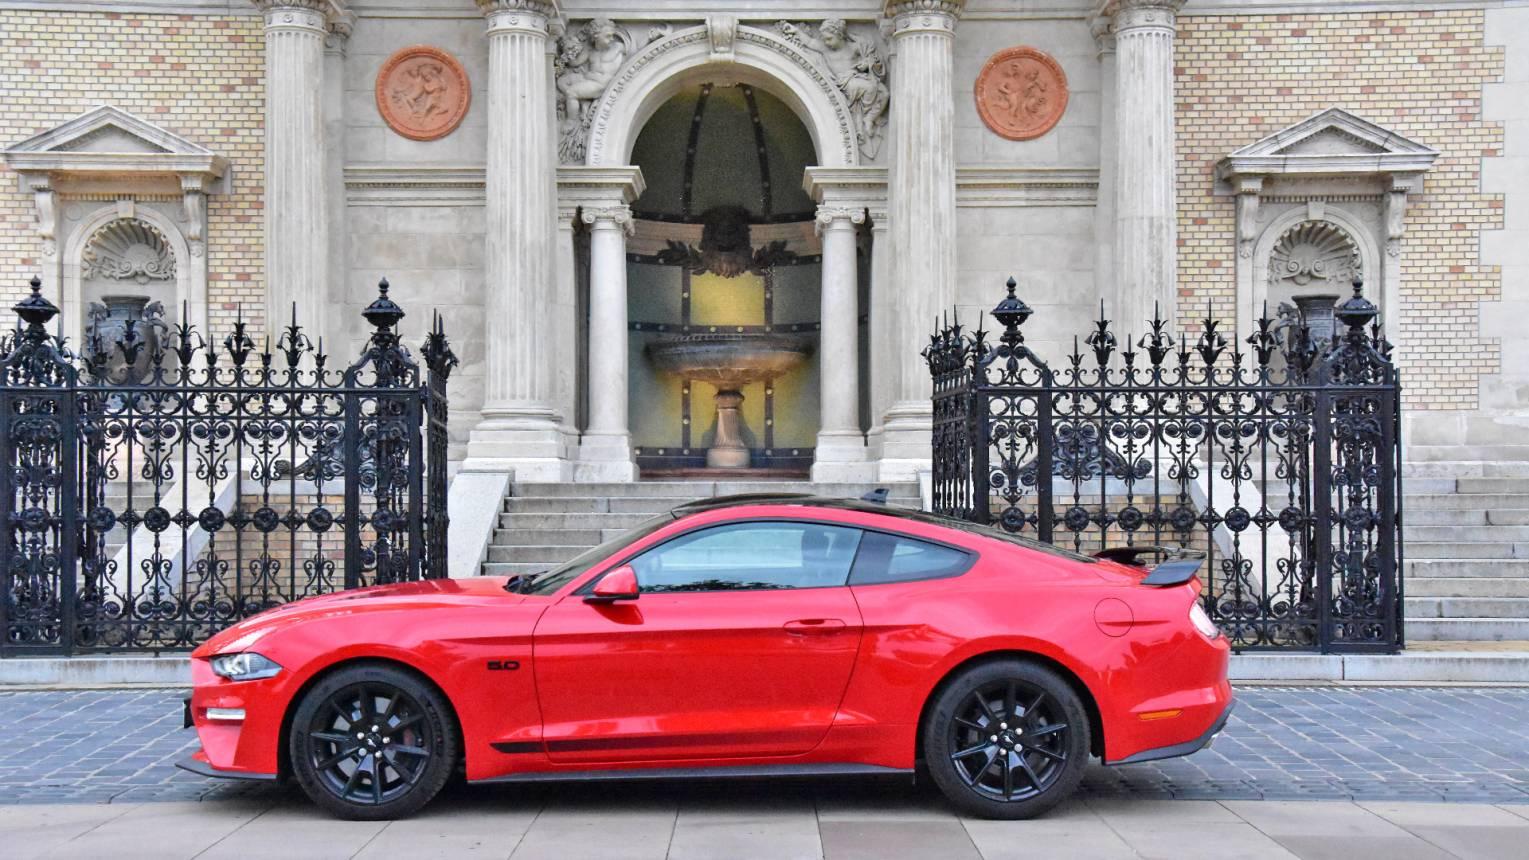 Utcai élményvezetés Mustang GT55-el Debrecen, Eger, Miskolc és Nyíregyháza környékén